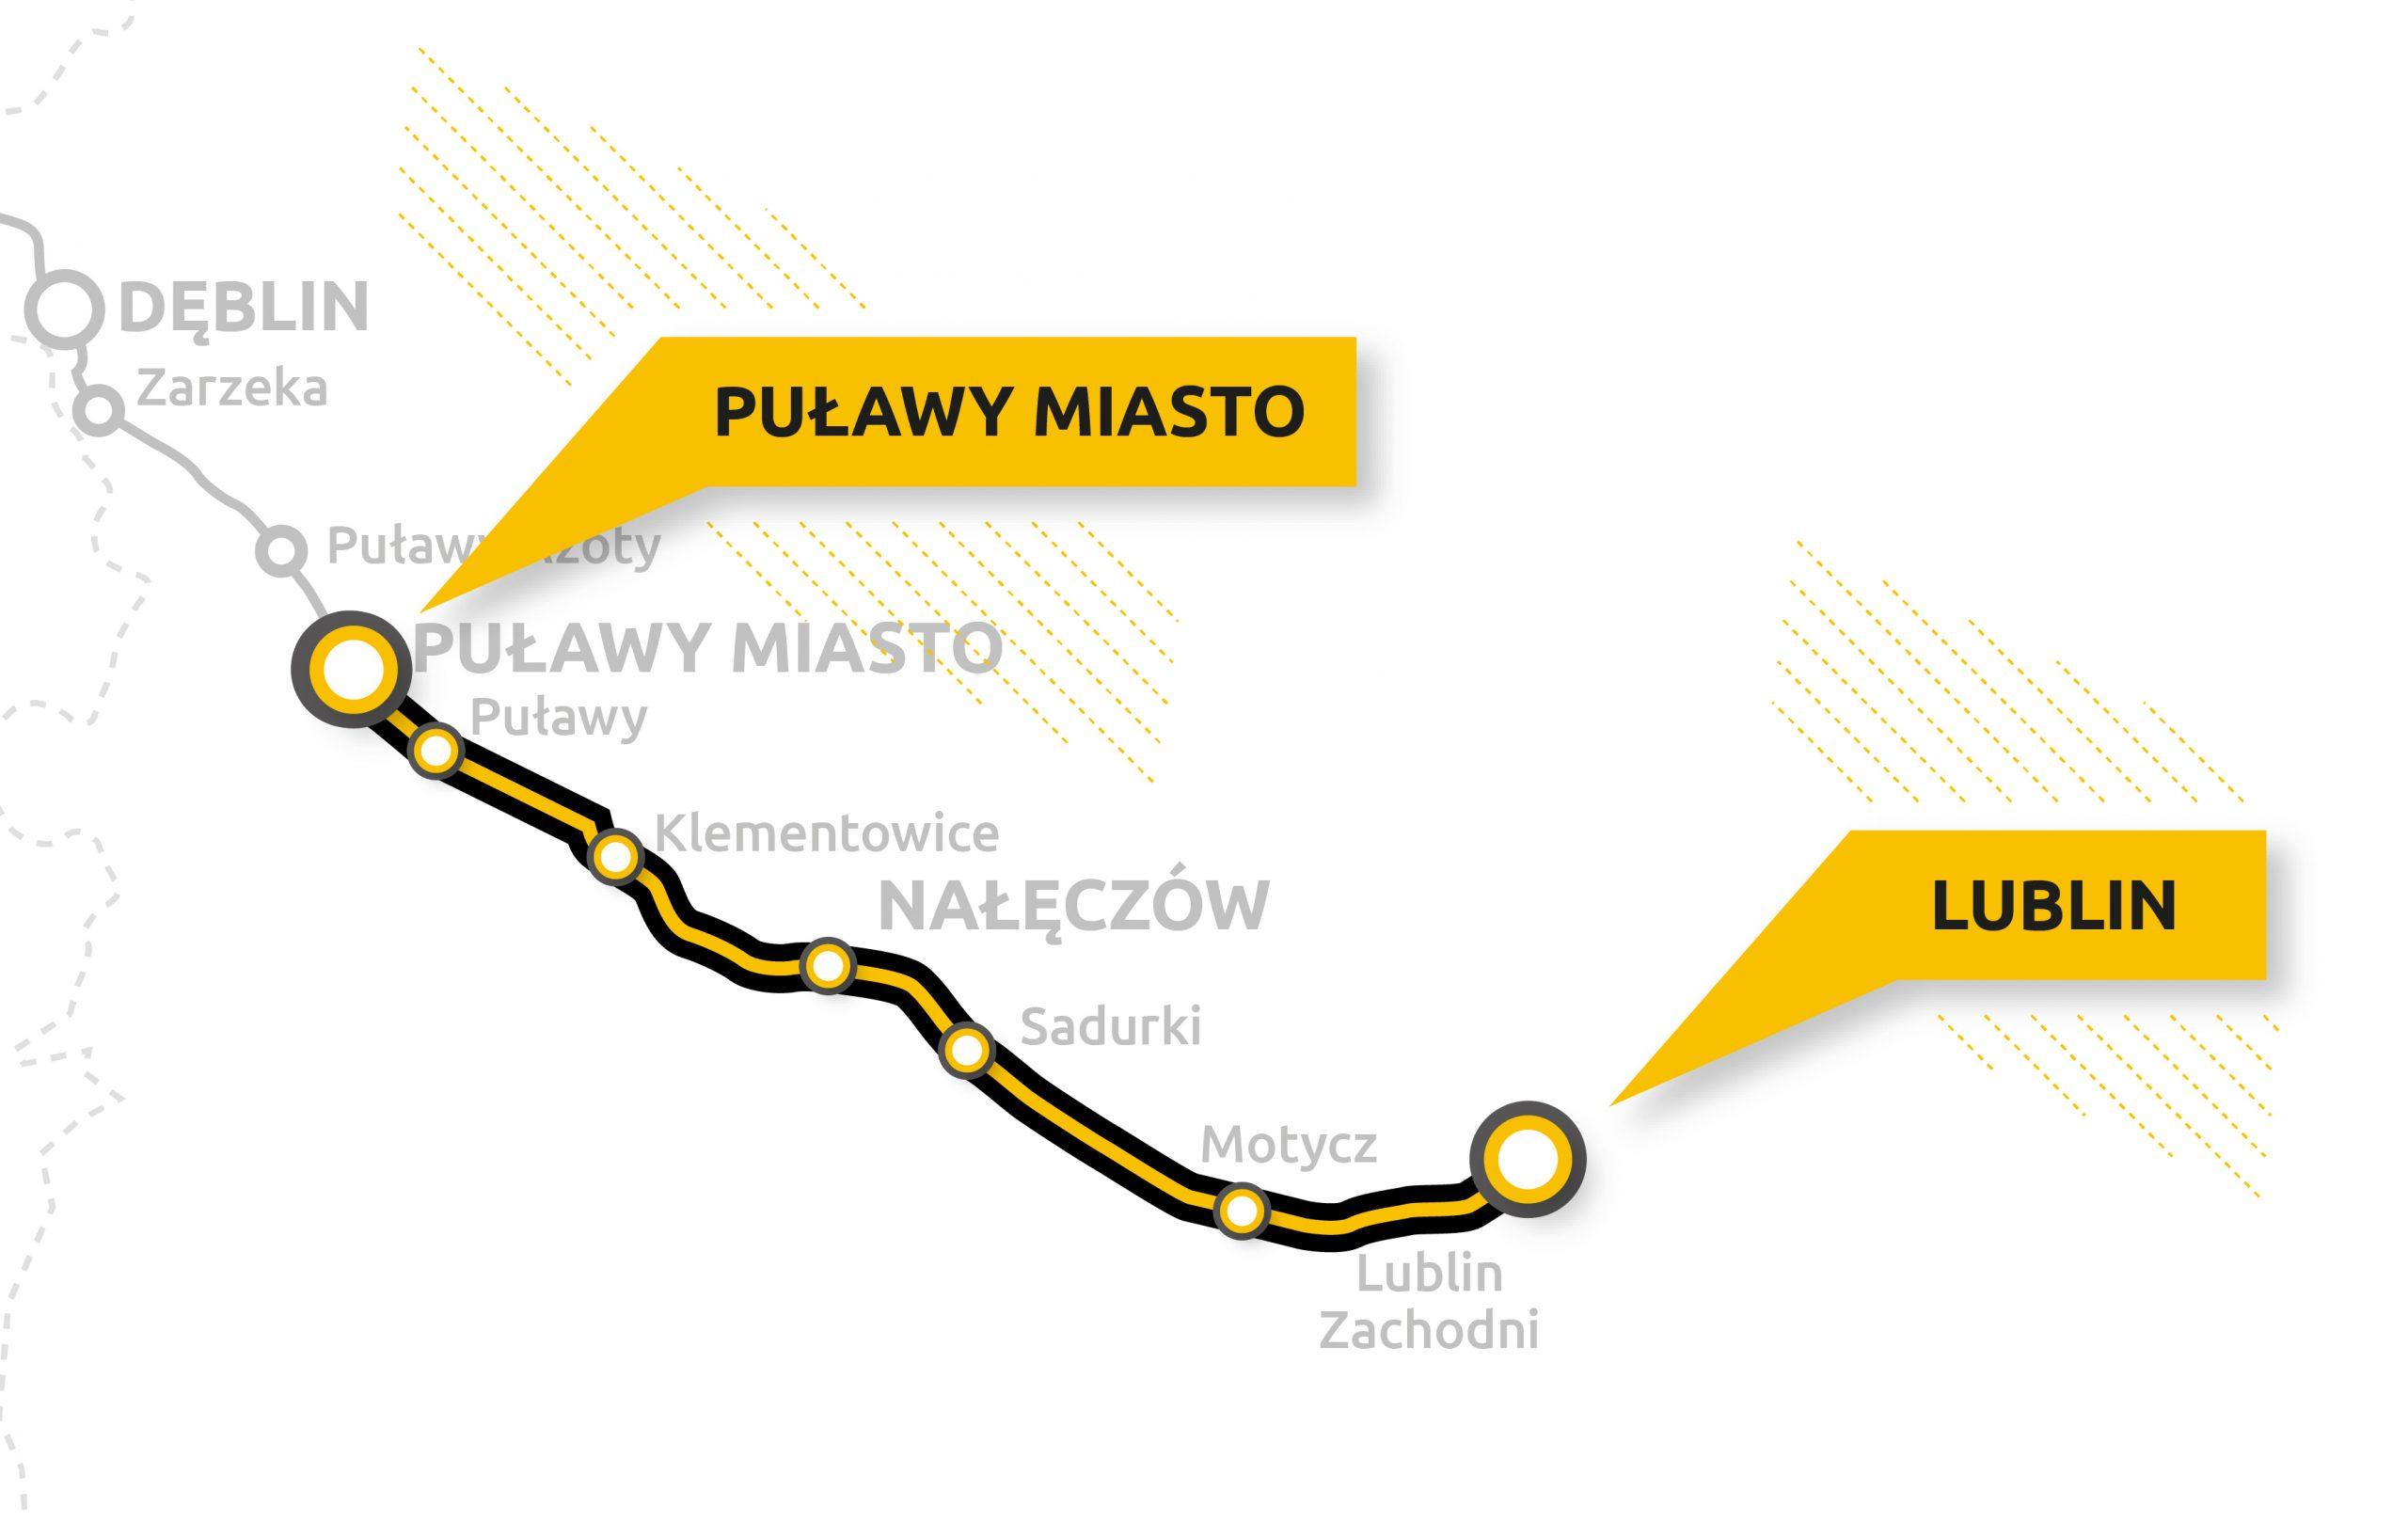 Infografika przedstawia mapę z pokazanym odcinkiem Puławy Miasto - Lublin